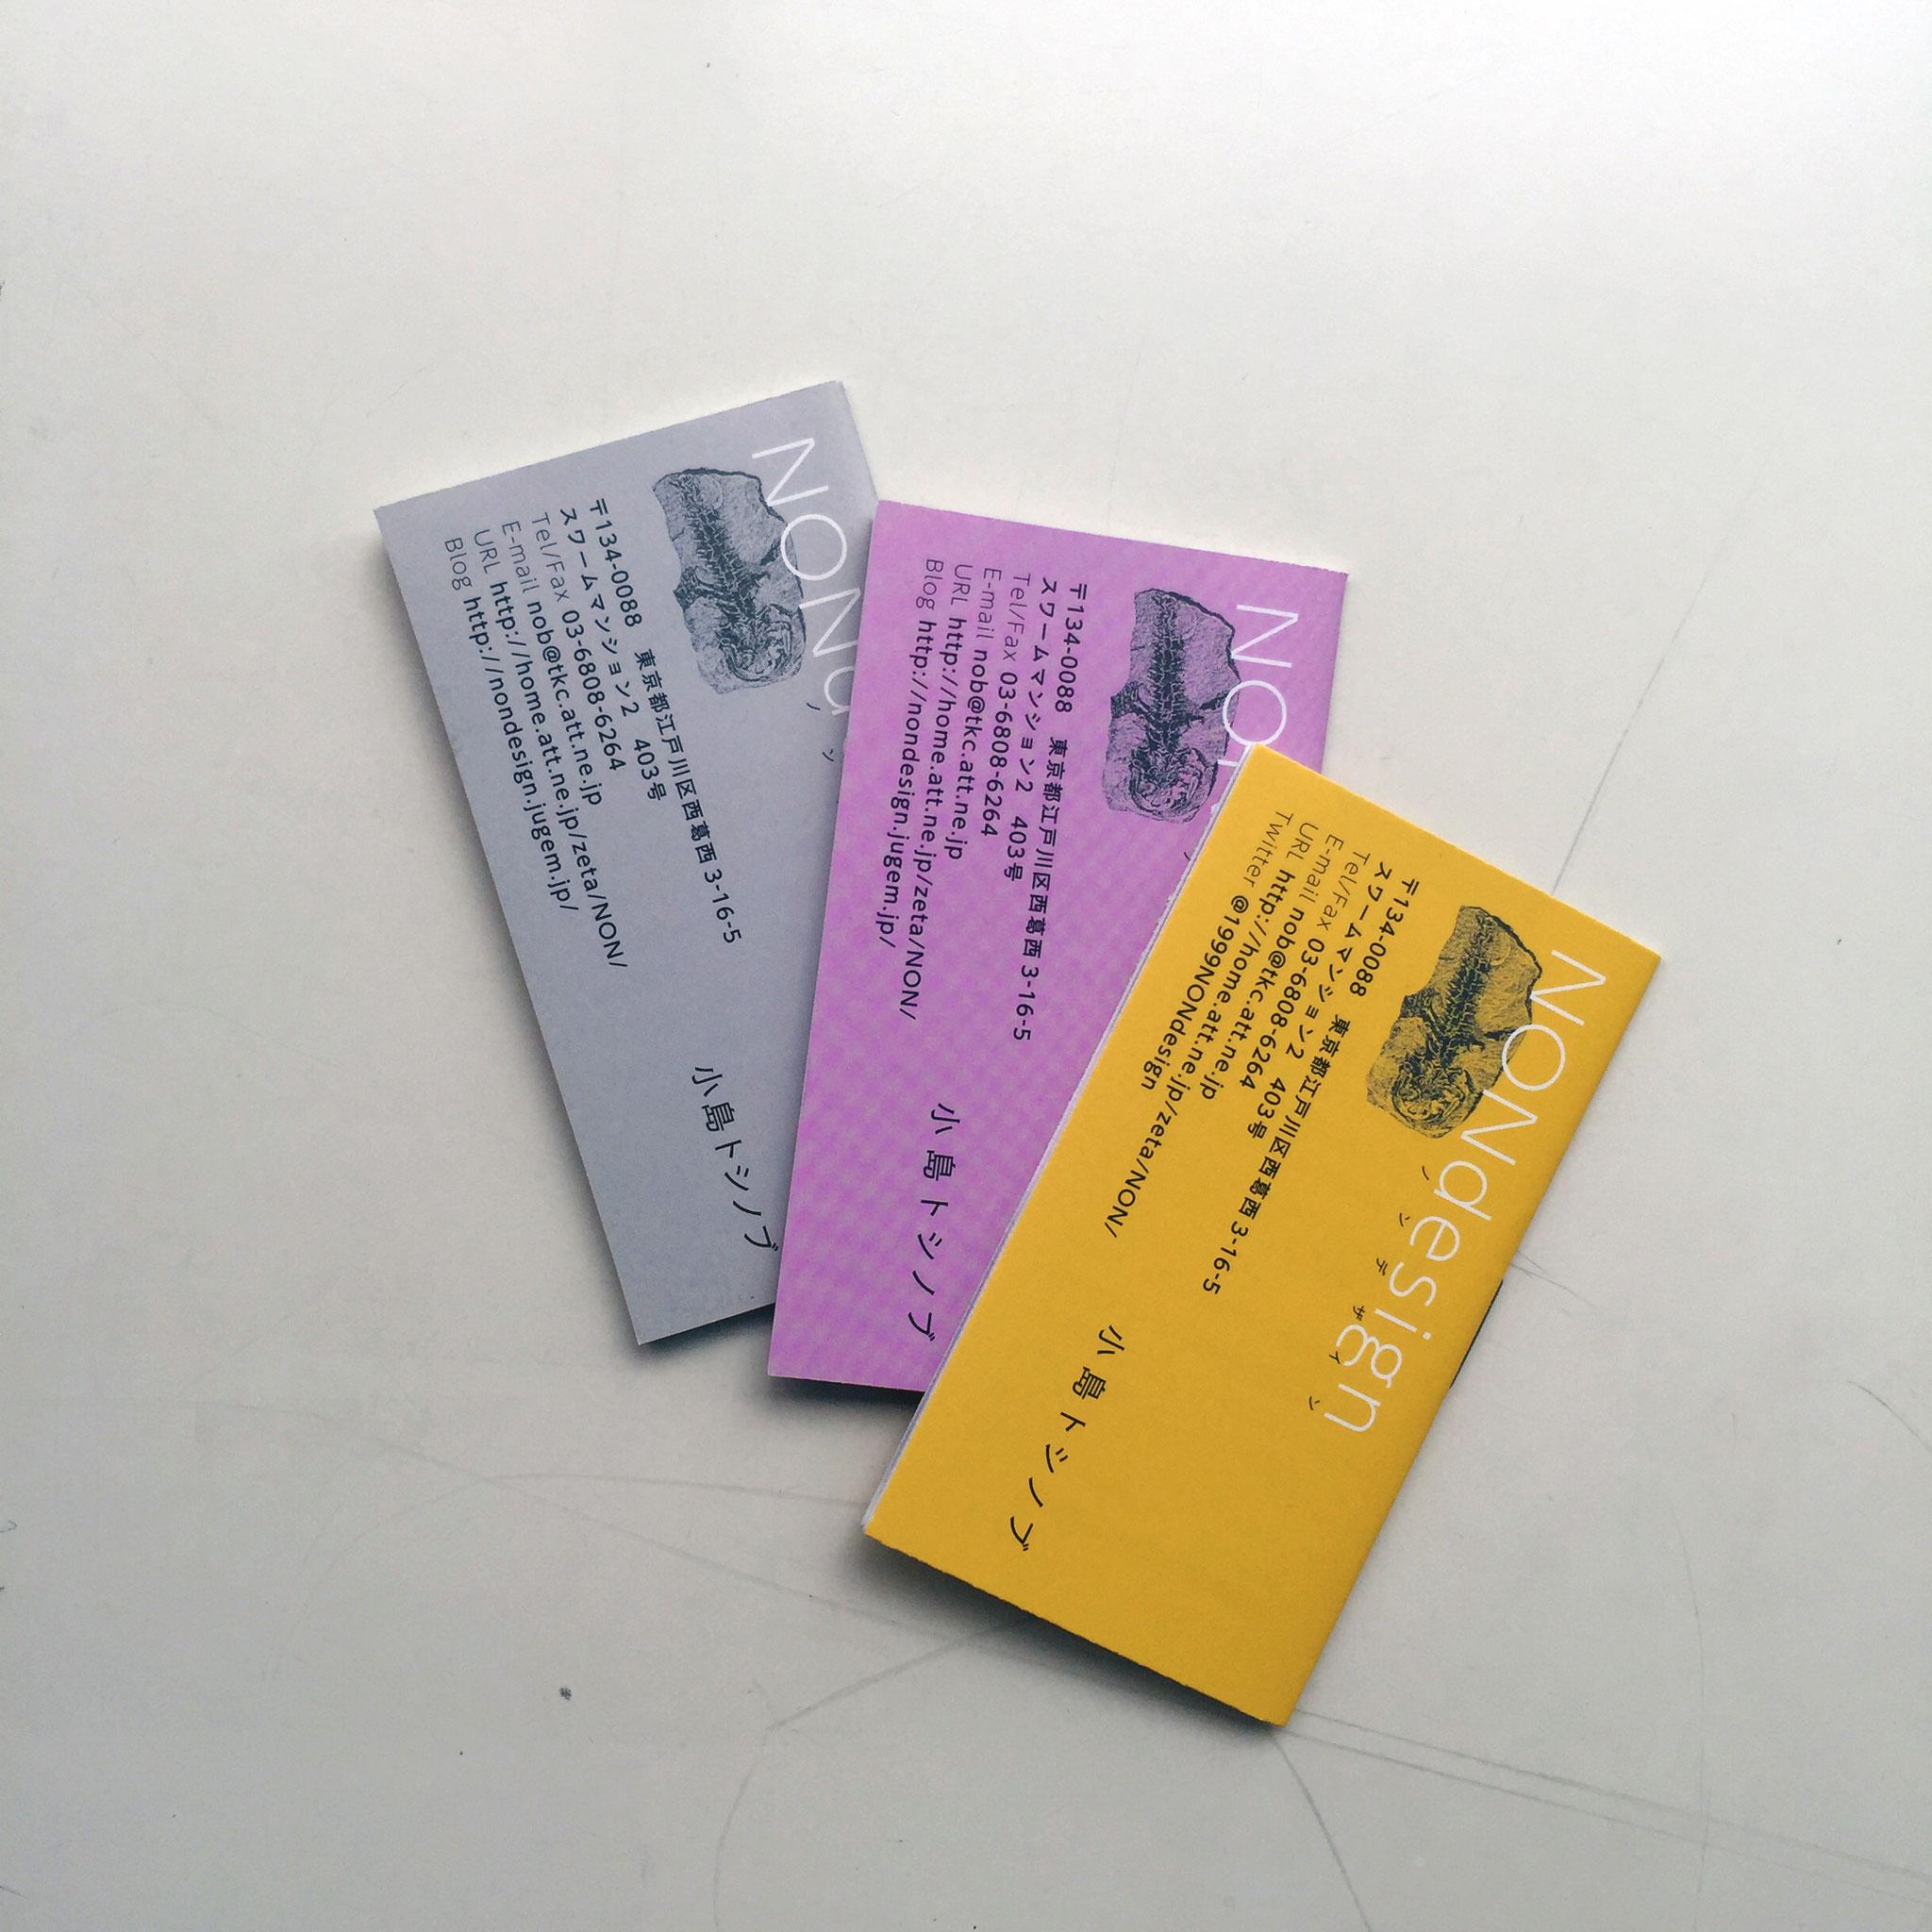 名刺の形をした作品集「名刺Book」住所は前の住所ですが現在まで3種類できました。中綴じの16ページです